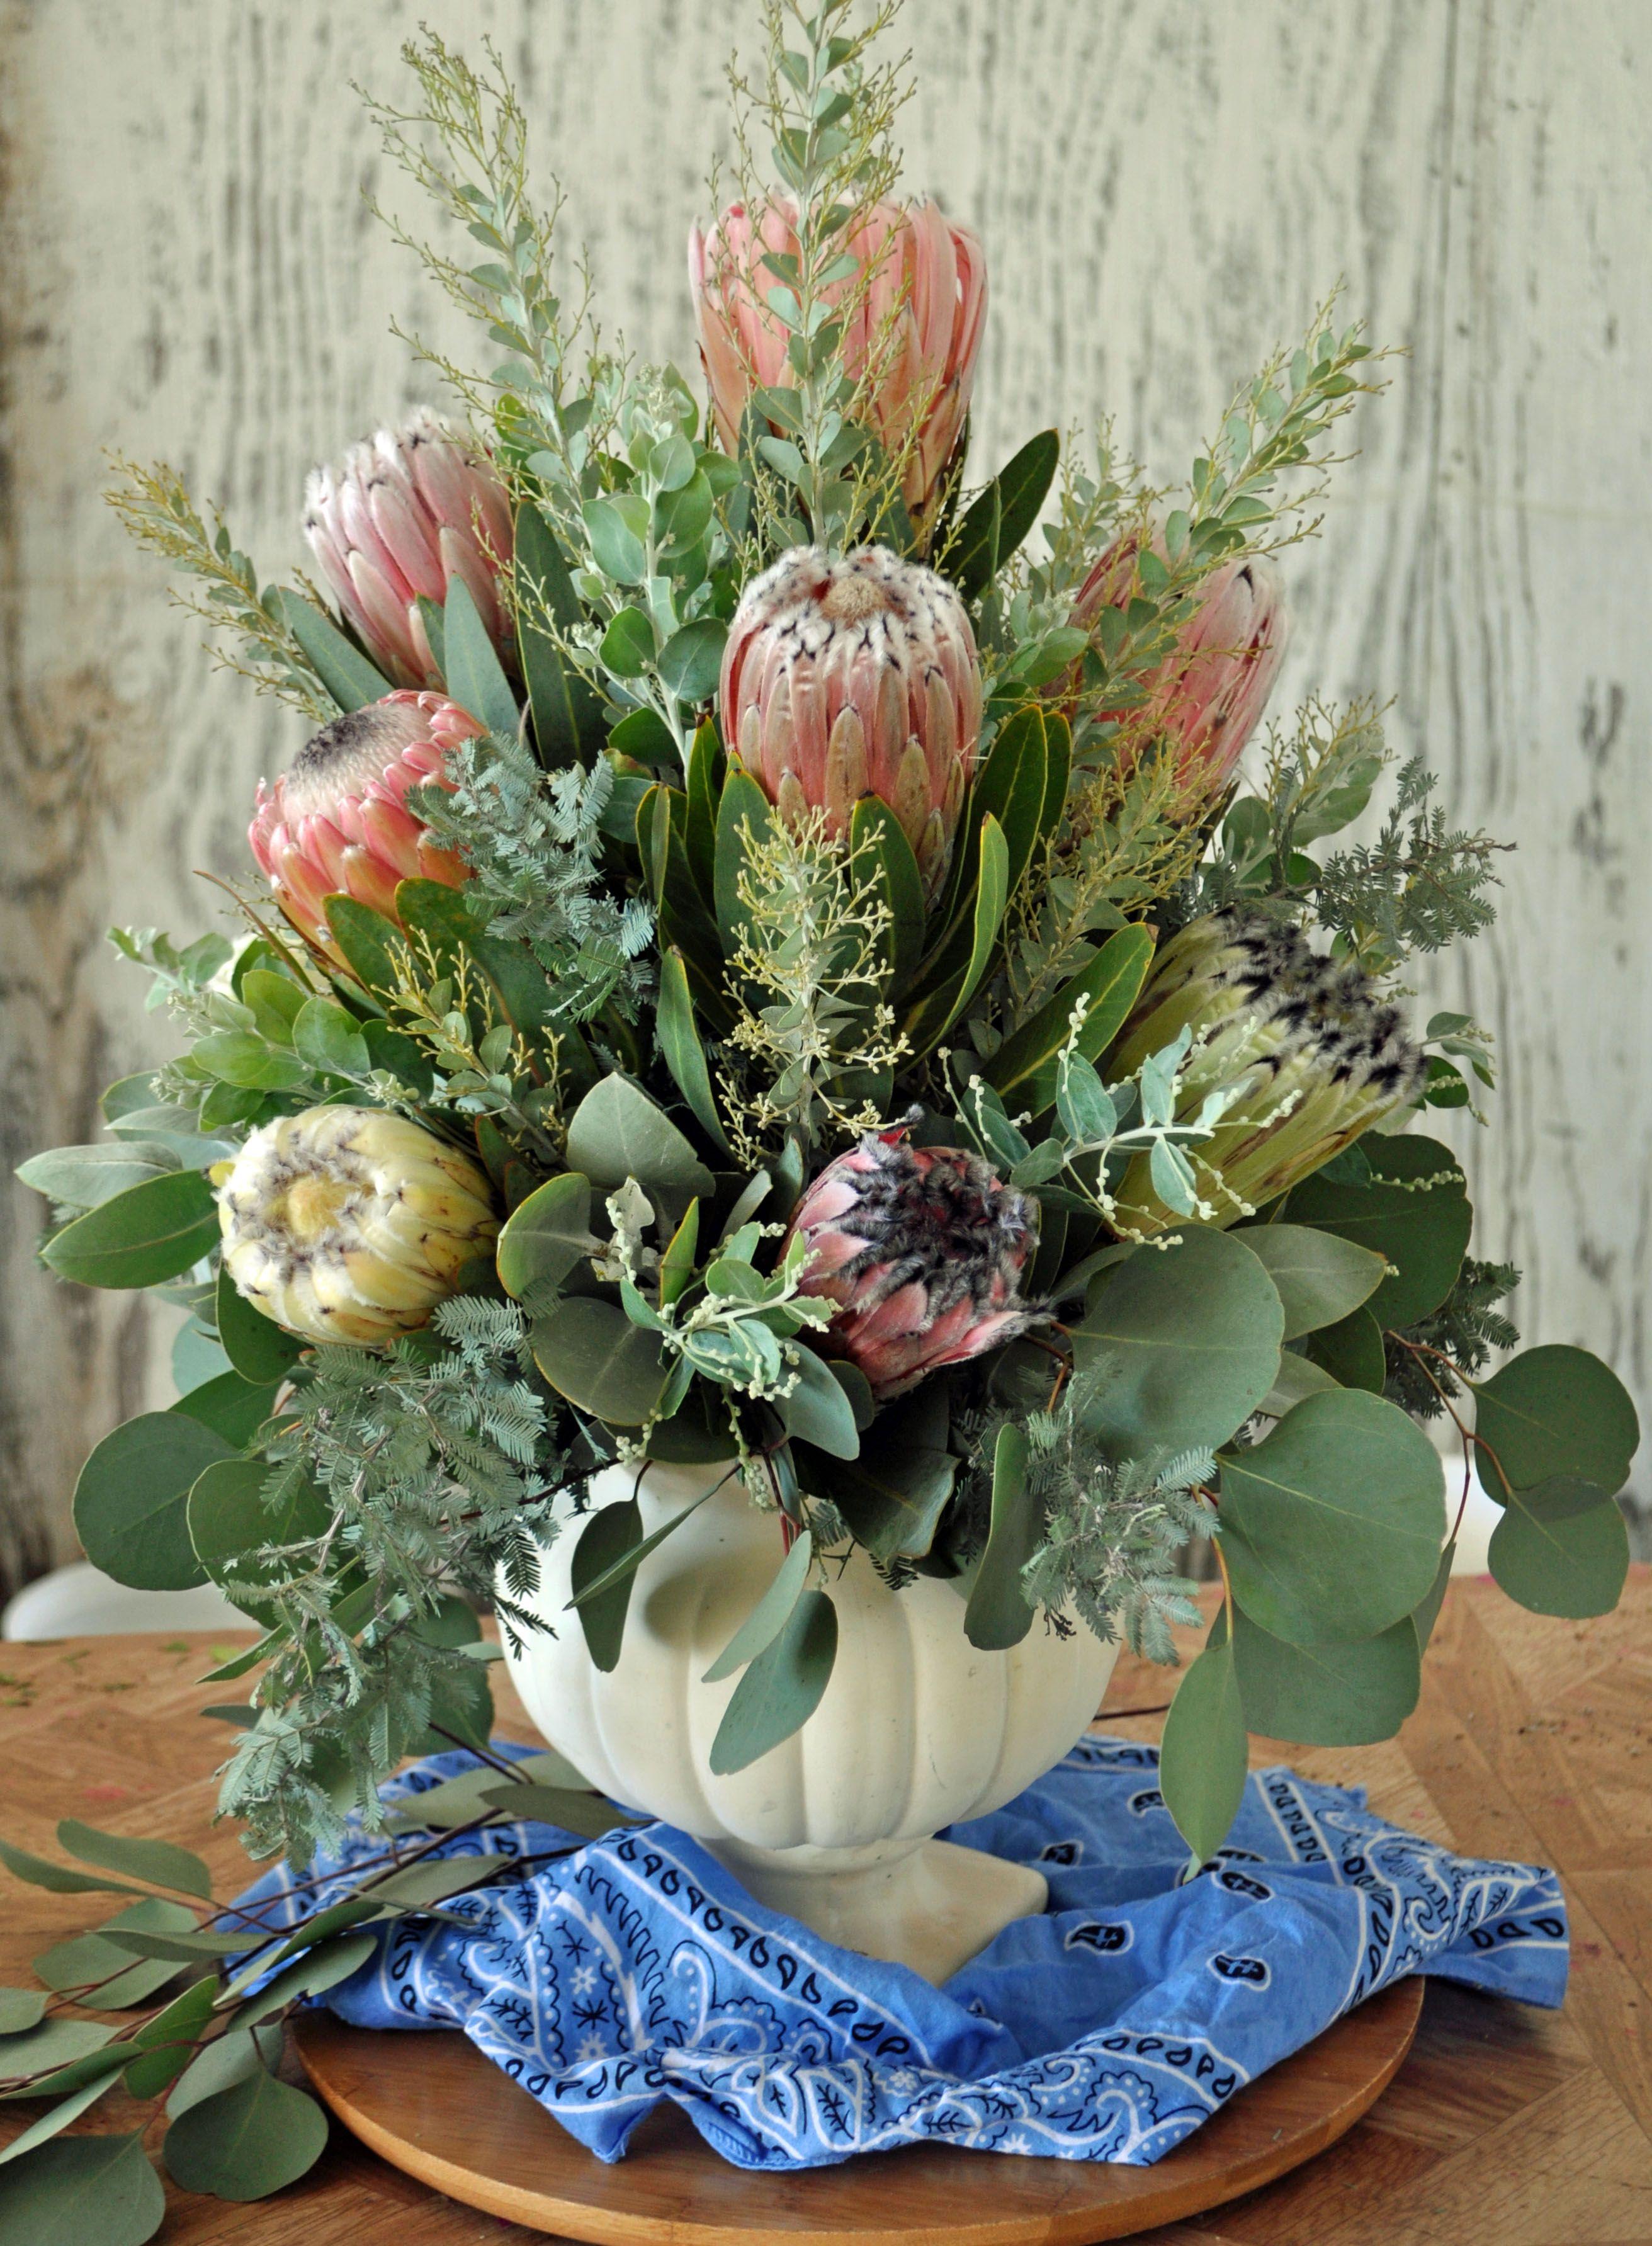 Protea Acacia And Eucalyptus Tropical Floral Arrangements Flower Vase Arrangements Fresh Flowers Arrangements